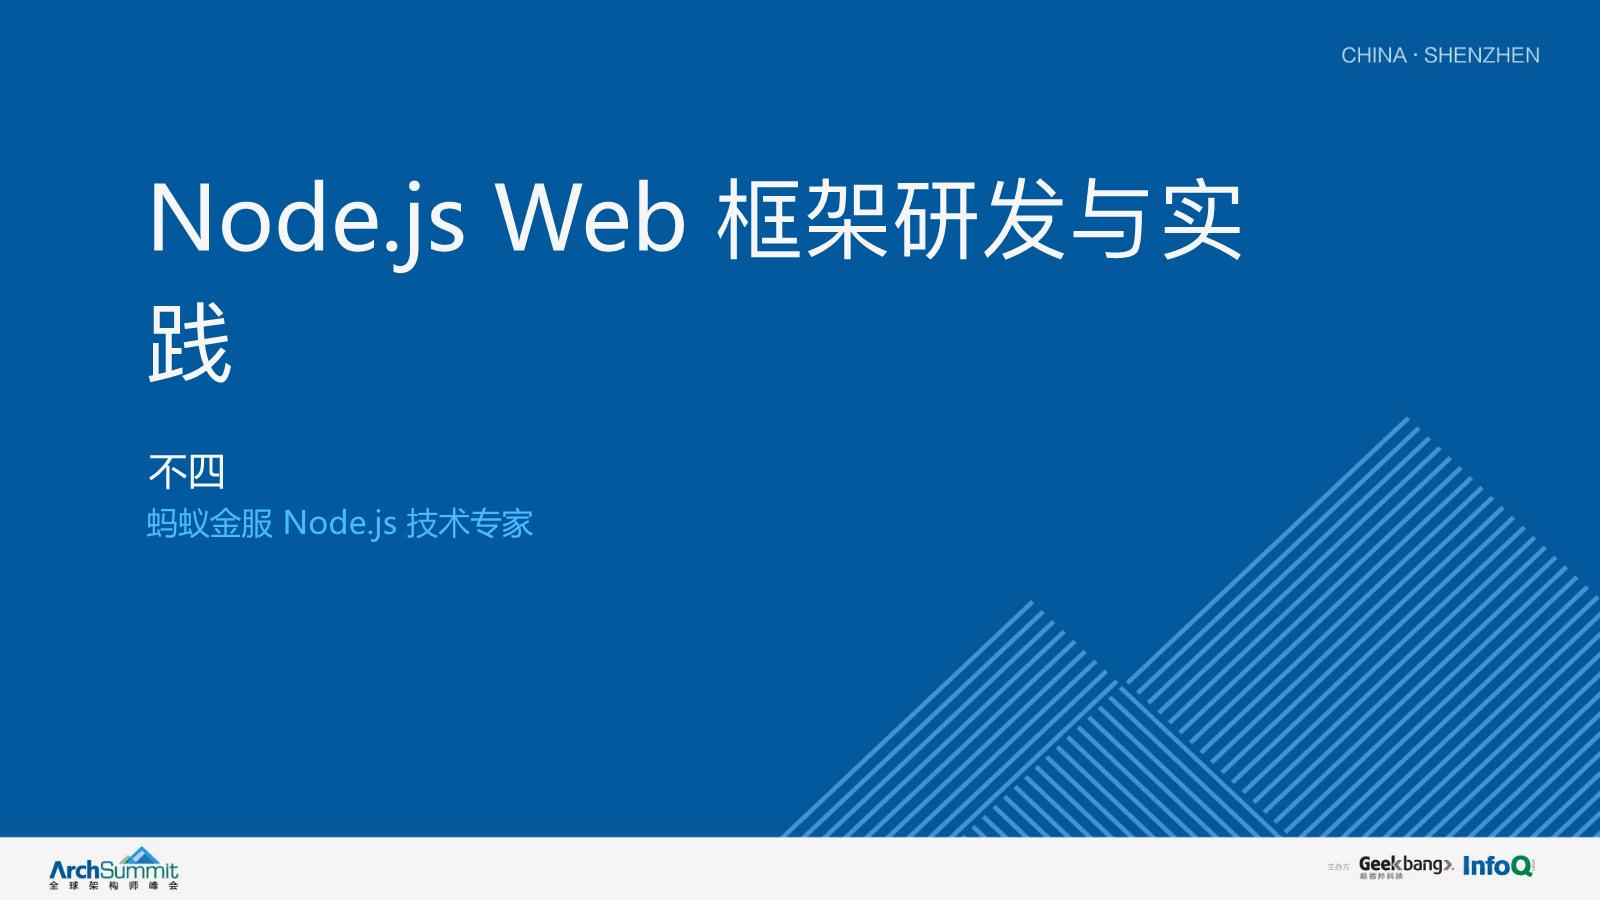 不四-企业级 Node.js Web 框架研发与落地